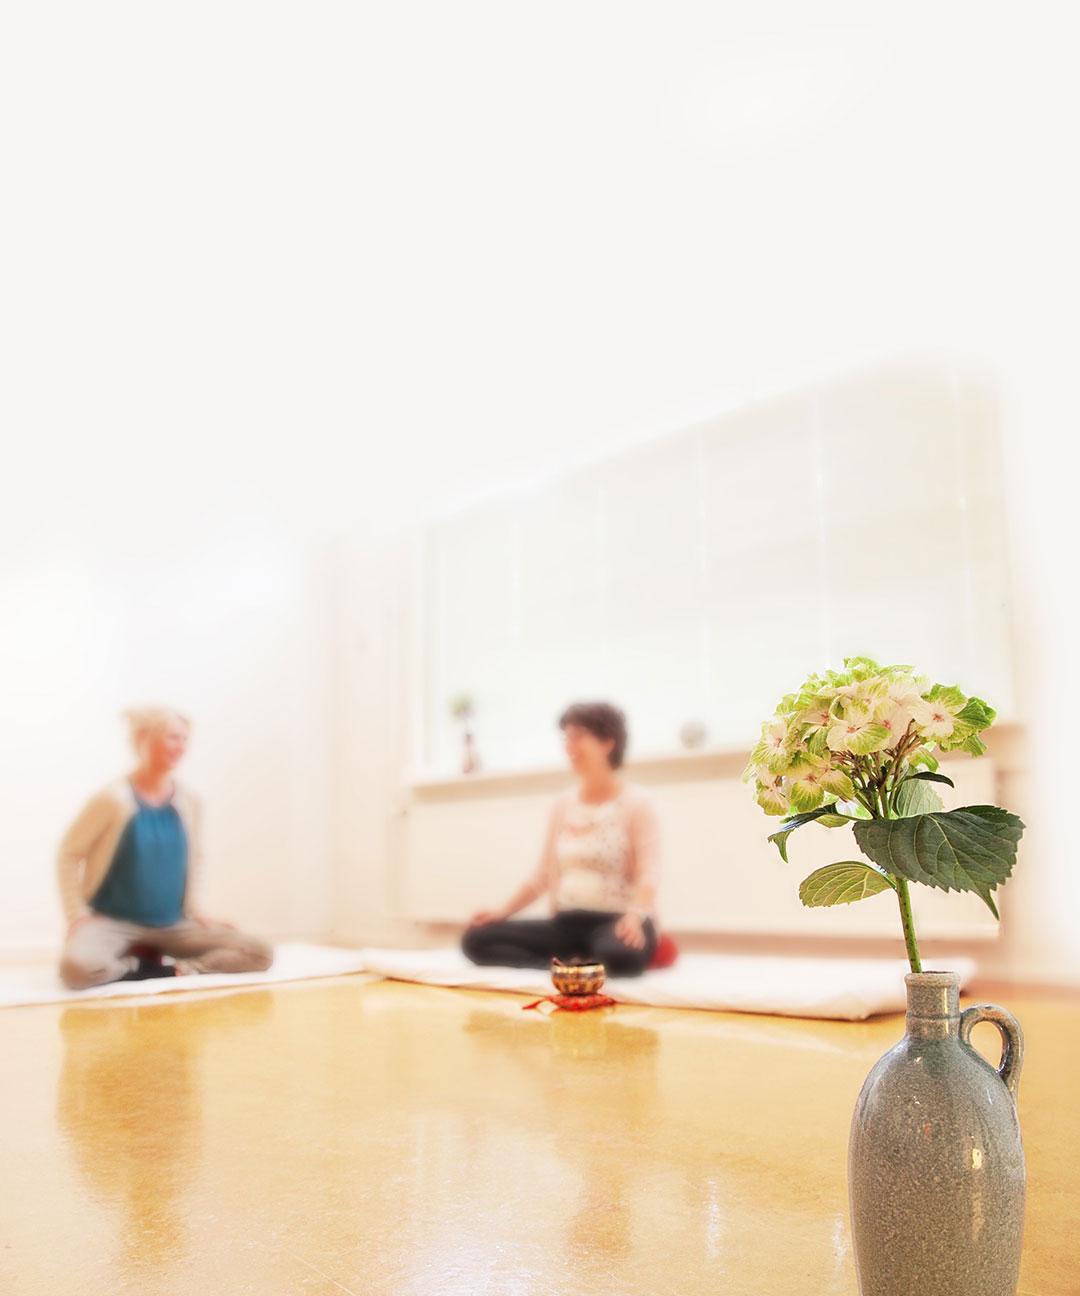 Mindfulness vermindert stress en somberheid en verbetert de concentratie. Mediteren zorgt ervoor dat er weer ruimte ontstaat voor creativiteit en plezier.